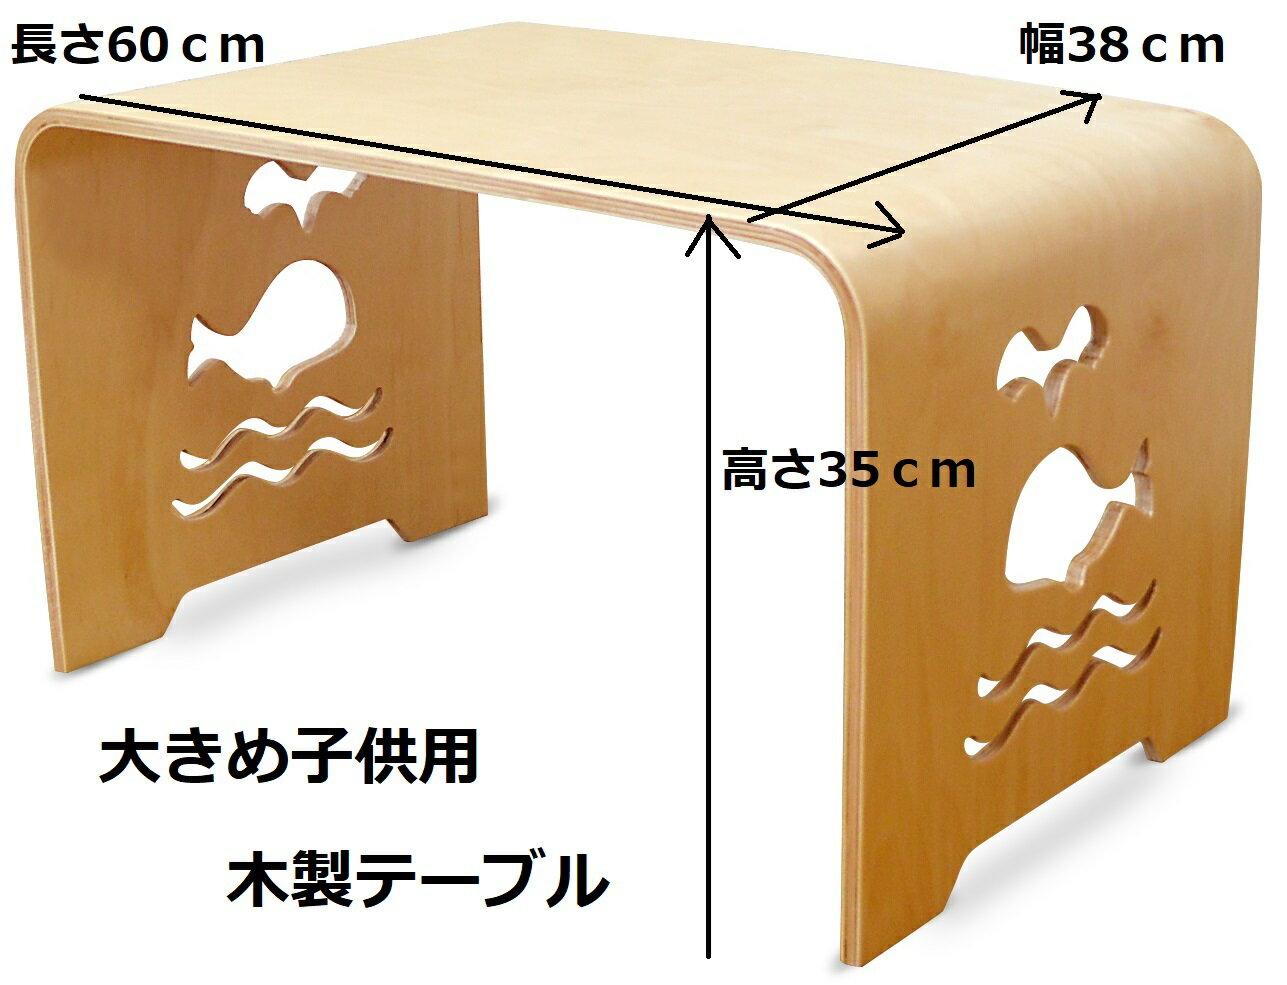 MAMENCHI サイズ大き目な子供用木製テー...の紹介画像2